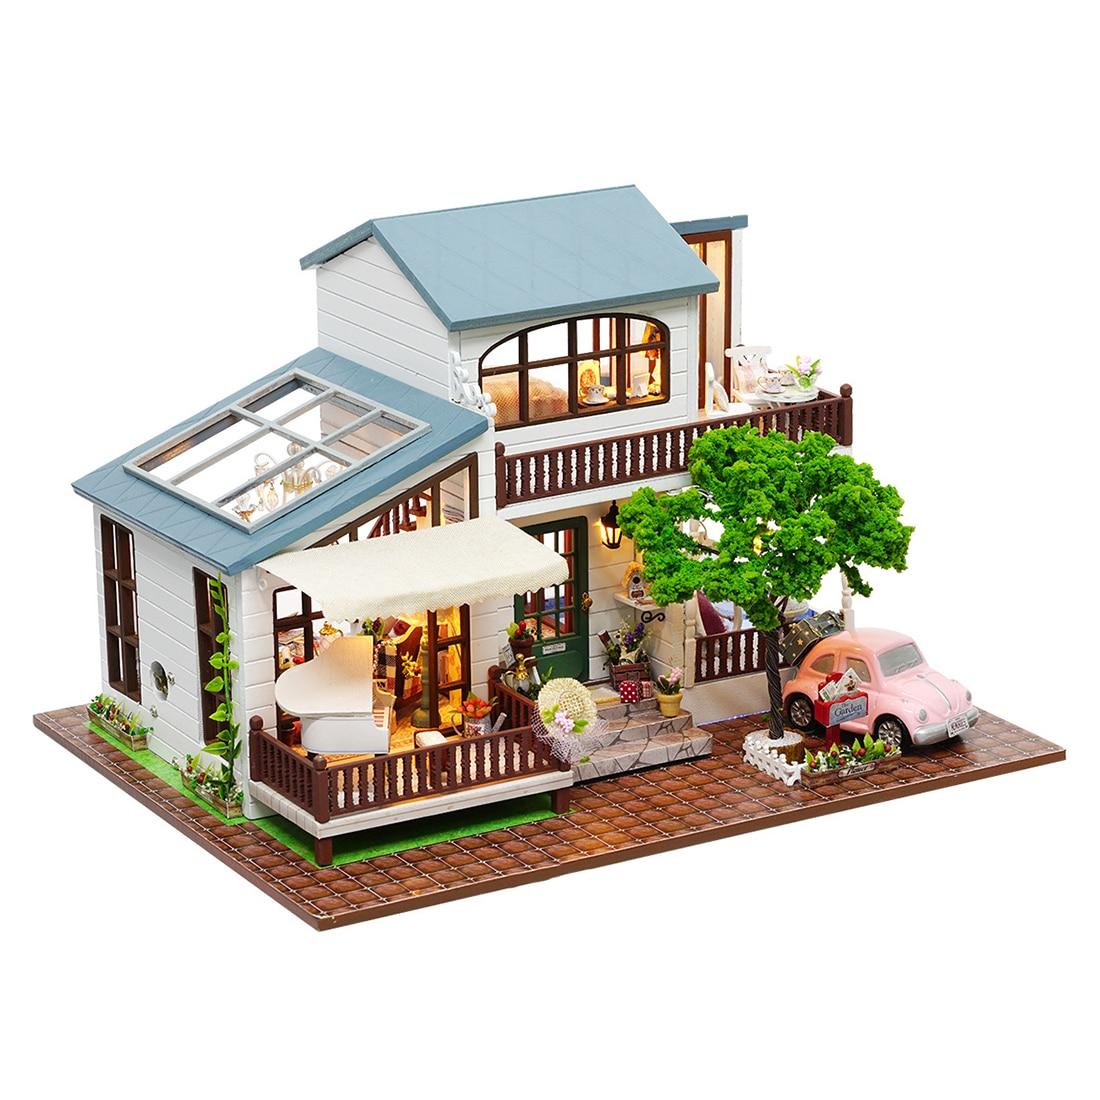 나무 diy 인형 집 장난감 미니어처 상자 퍼즐 인형 집 diy 키트 인형 집 가구 런던 휴일 모델 선물 장난감 어린이위한-에서인형 집부터 완구 & 취미 의  그룹 1